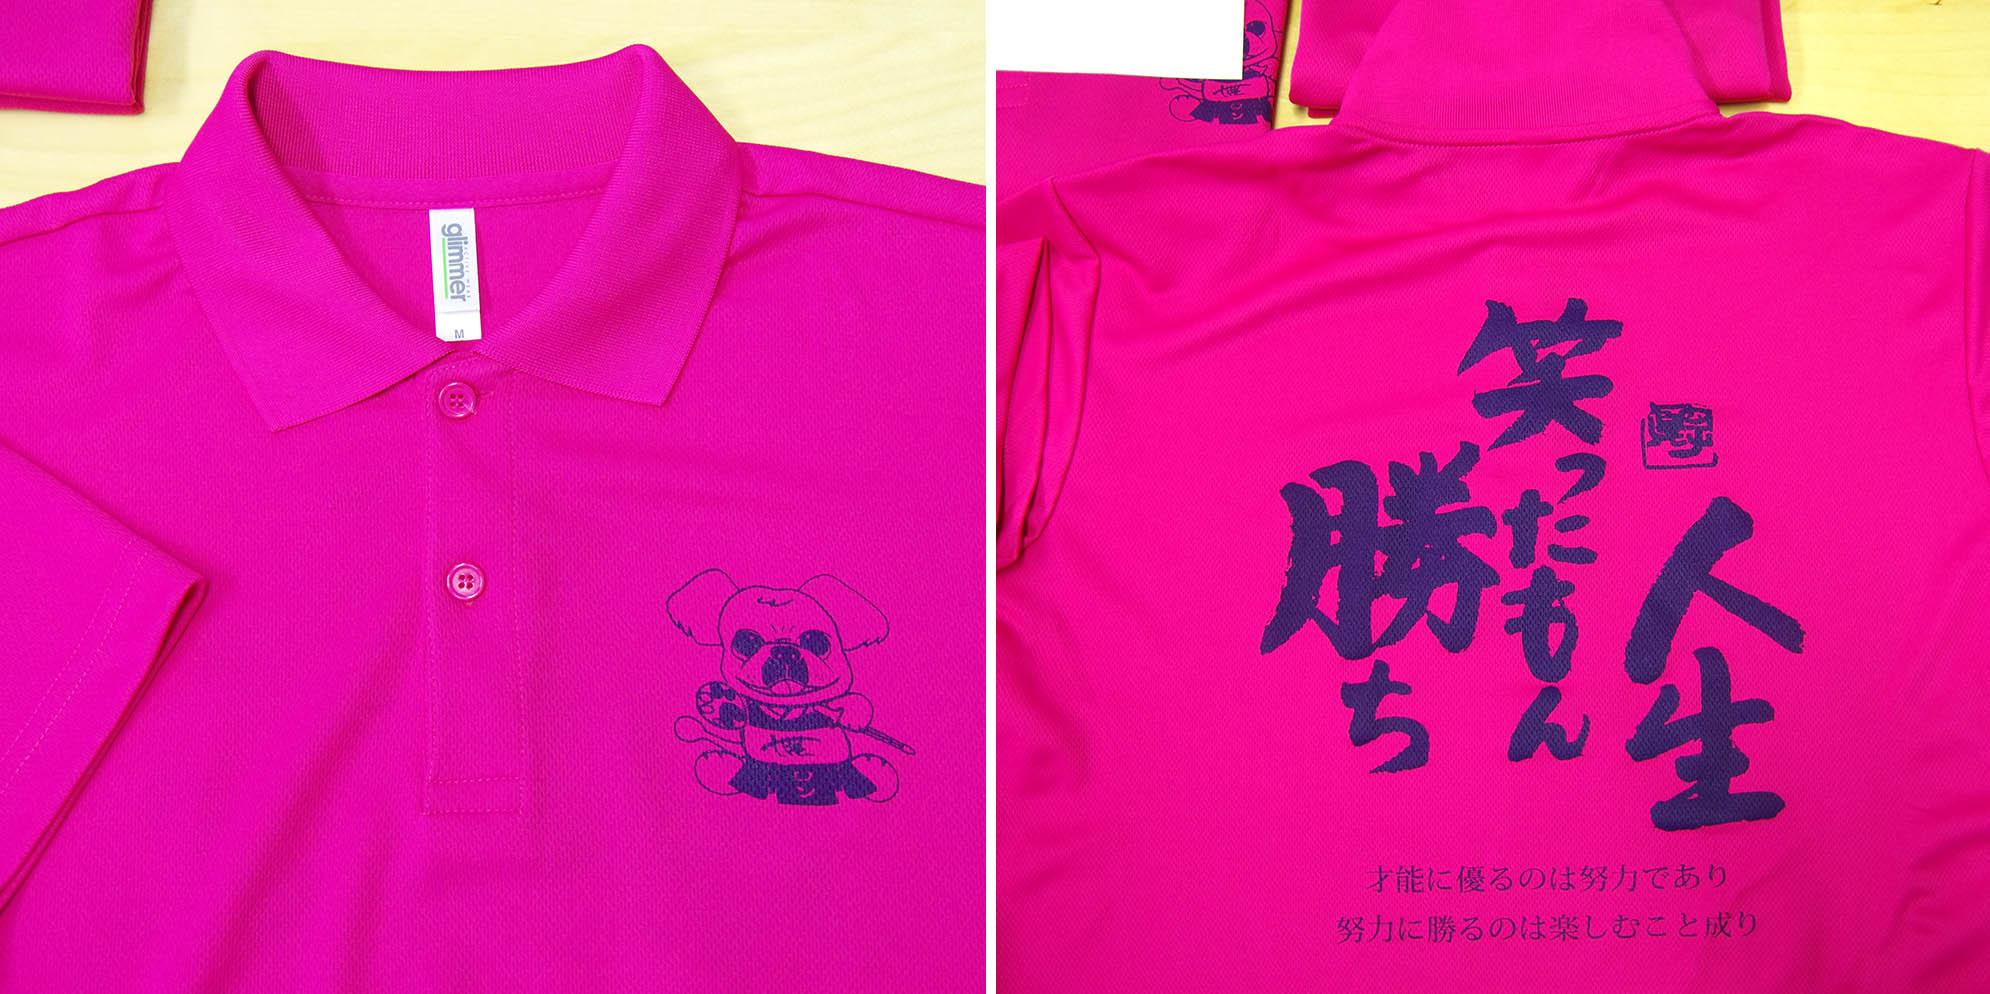 剣道教室のチームユニフォーム